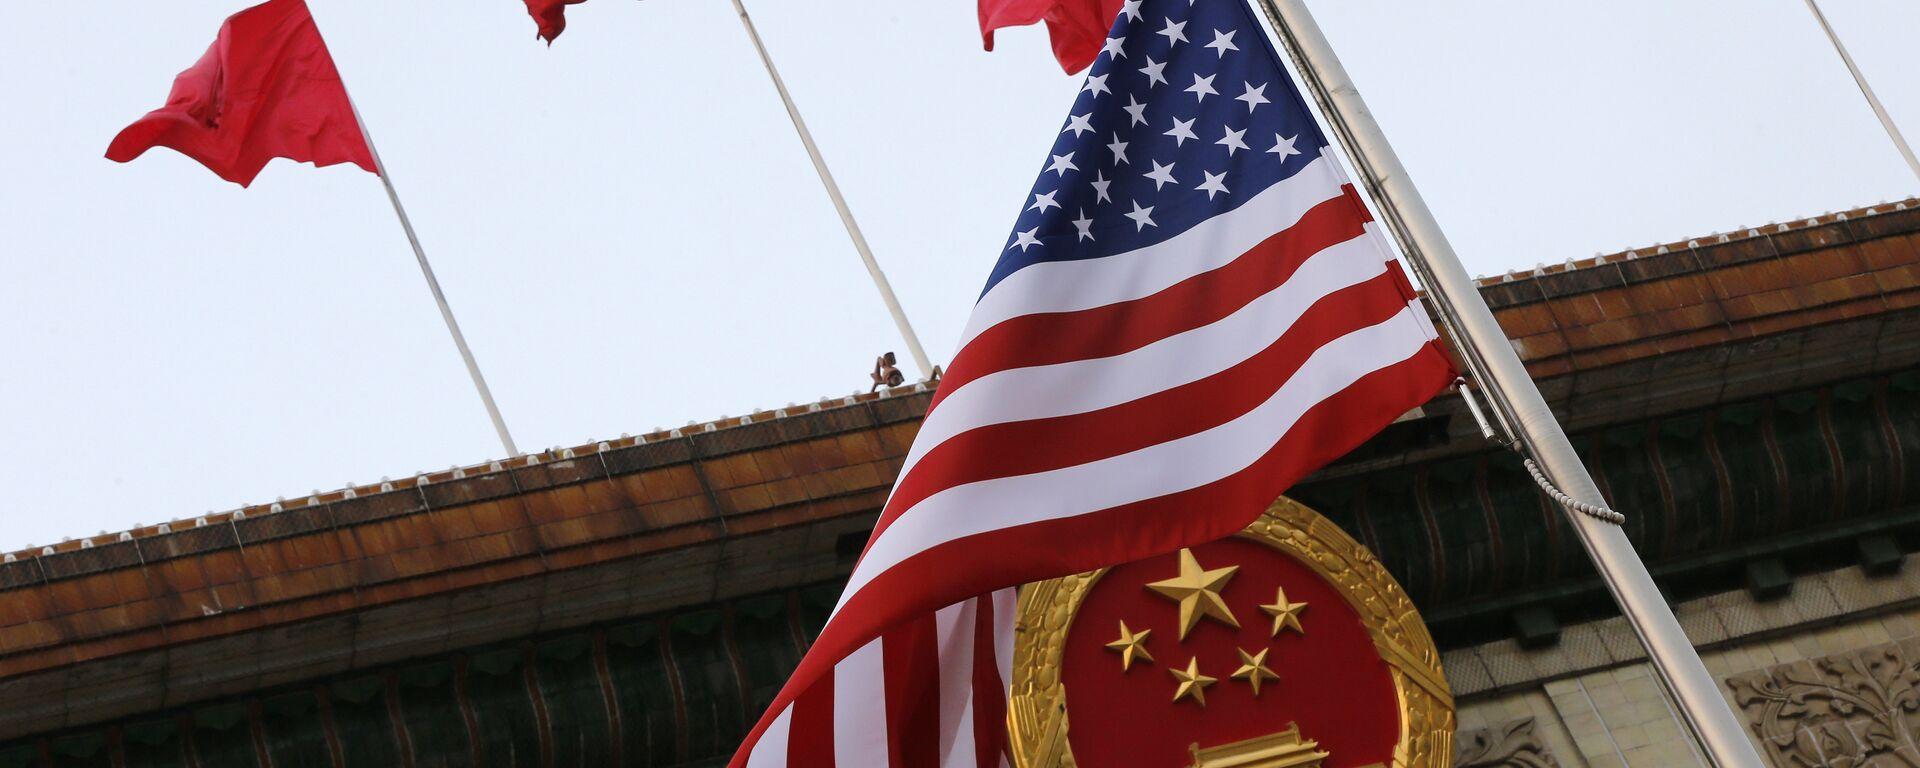 Флаги США и Китая во время визита Дональда Трампа в Пекин 9 ноября 2017 года - Sputnik Latvija, 1920, 02.06.2021